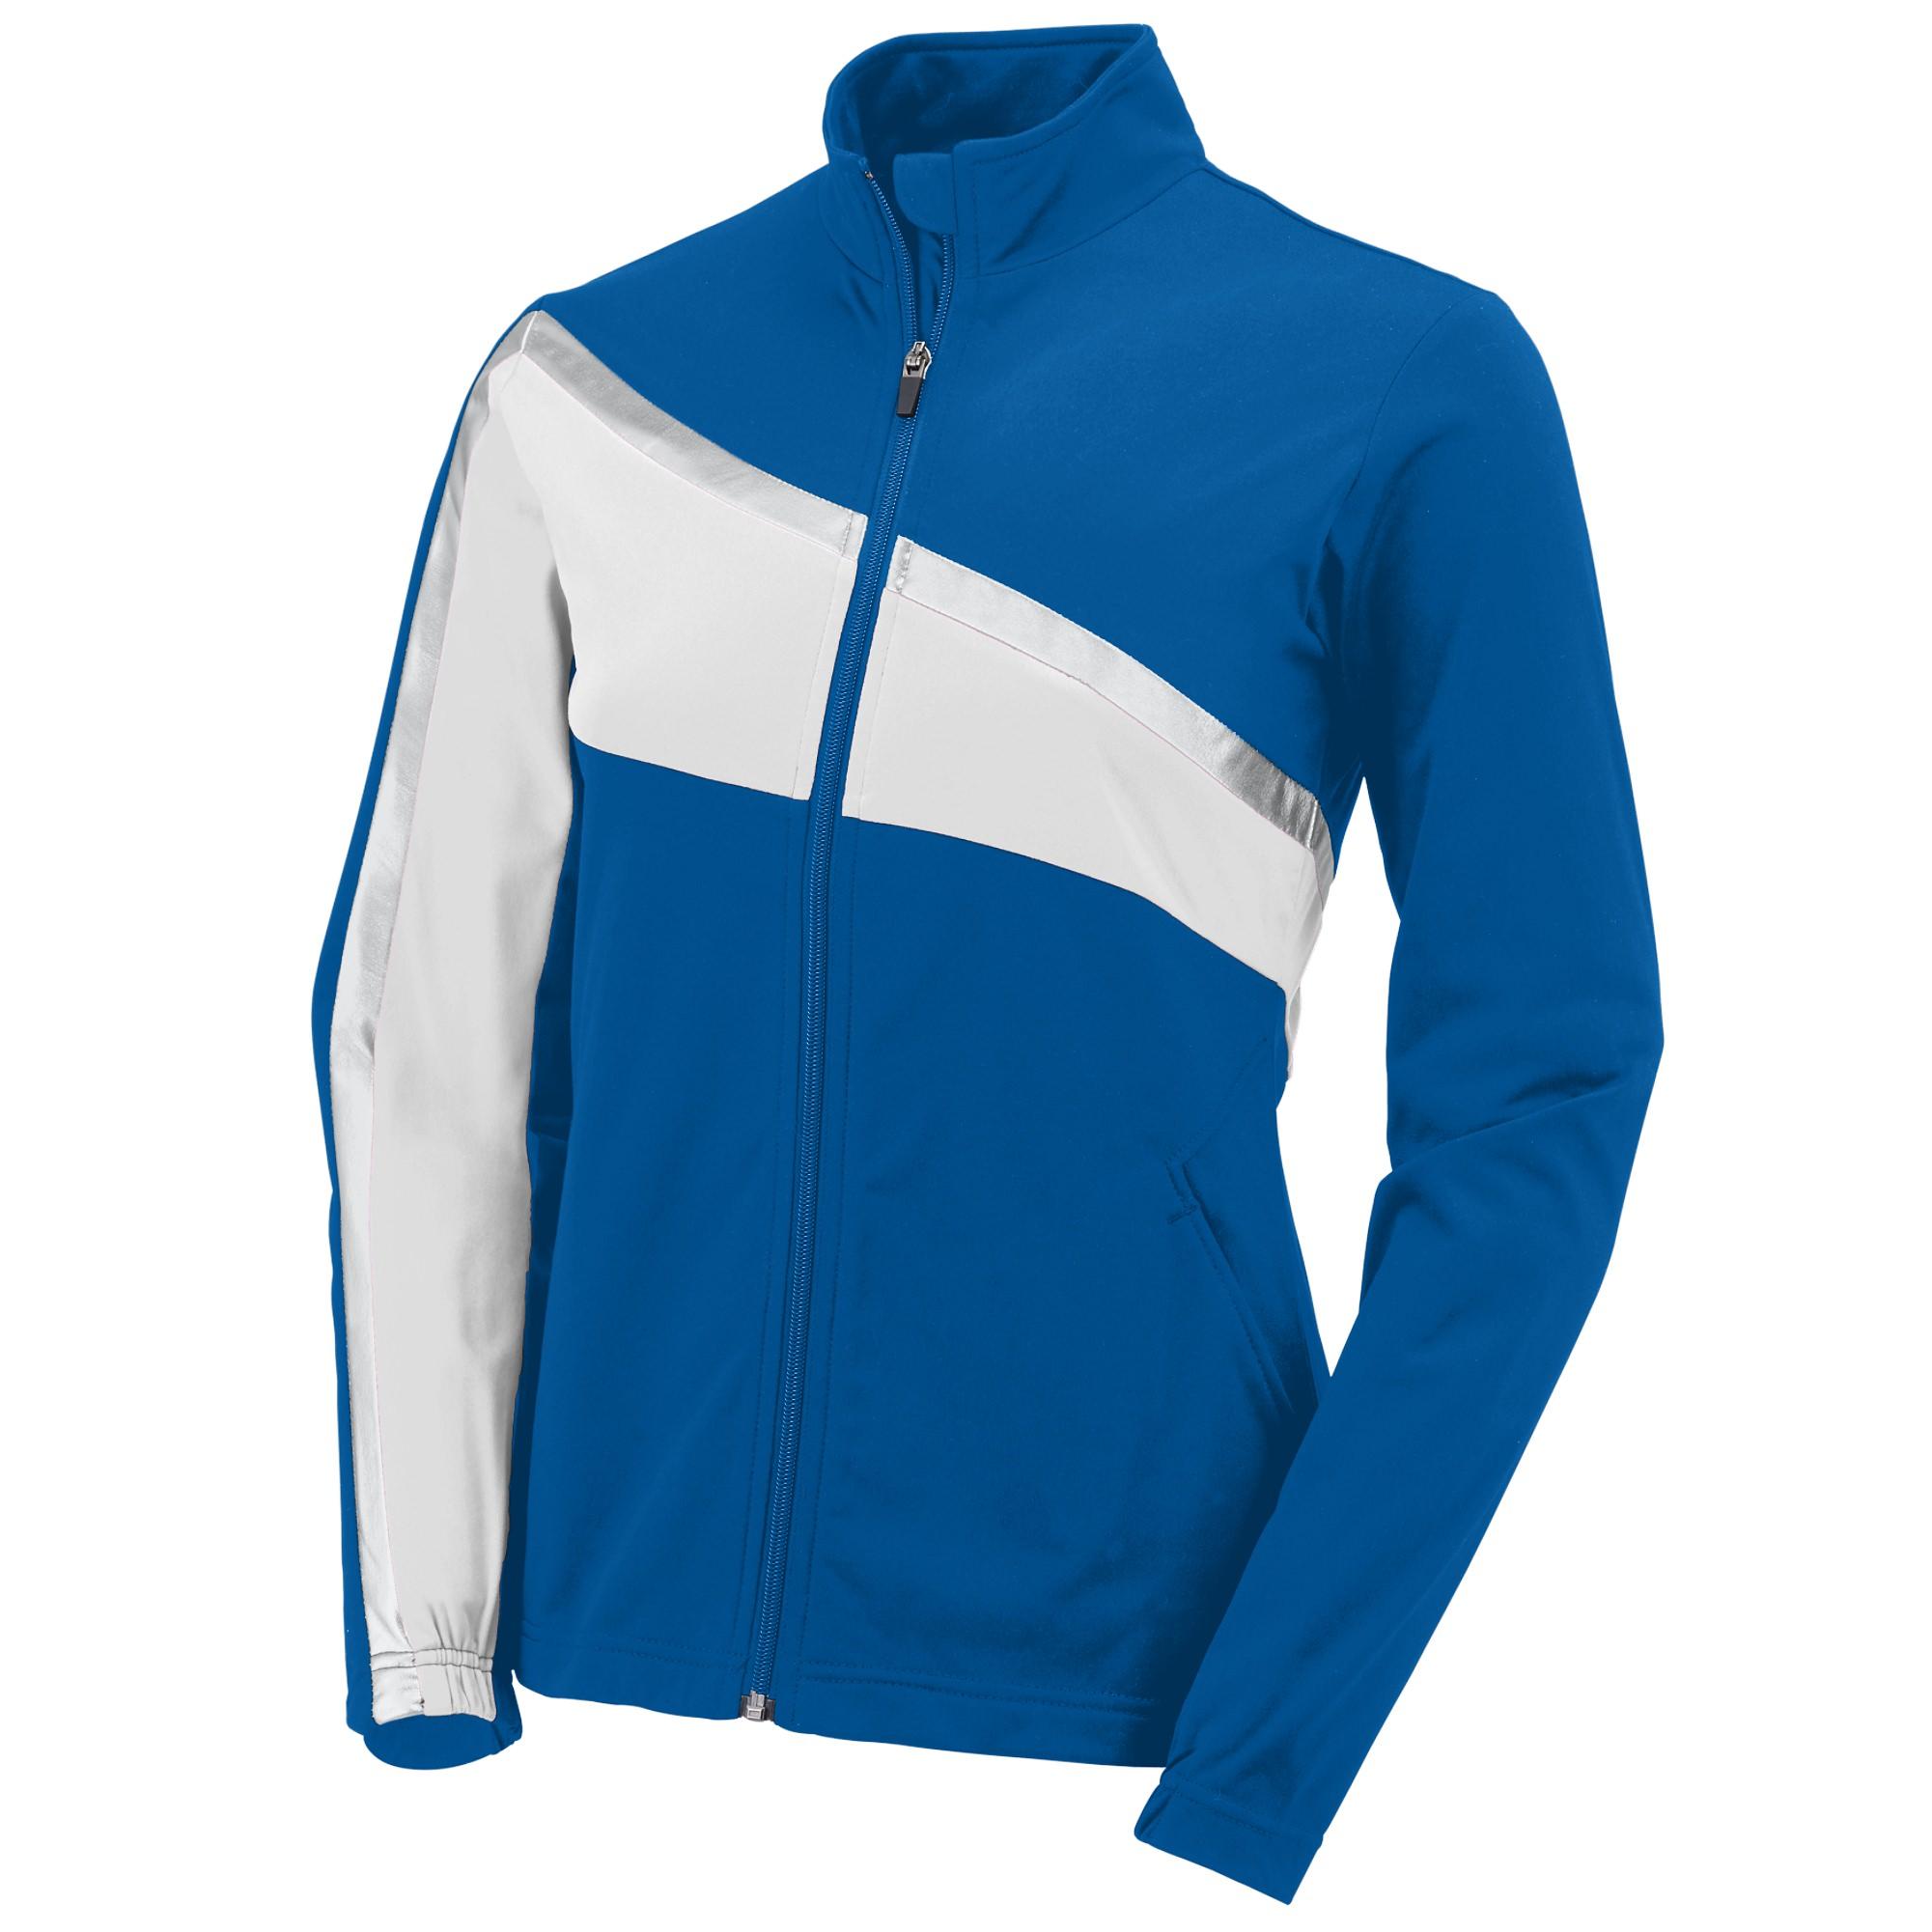 8278385c1a6 Girls Full Zip Outerwear from Augusta Sportswear